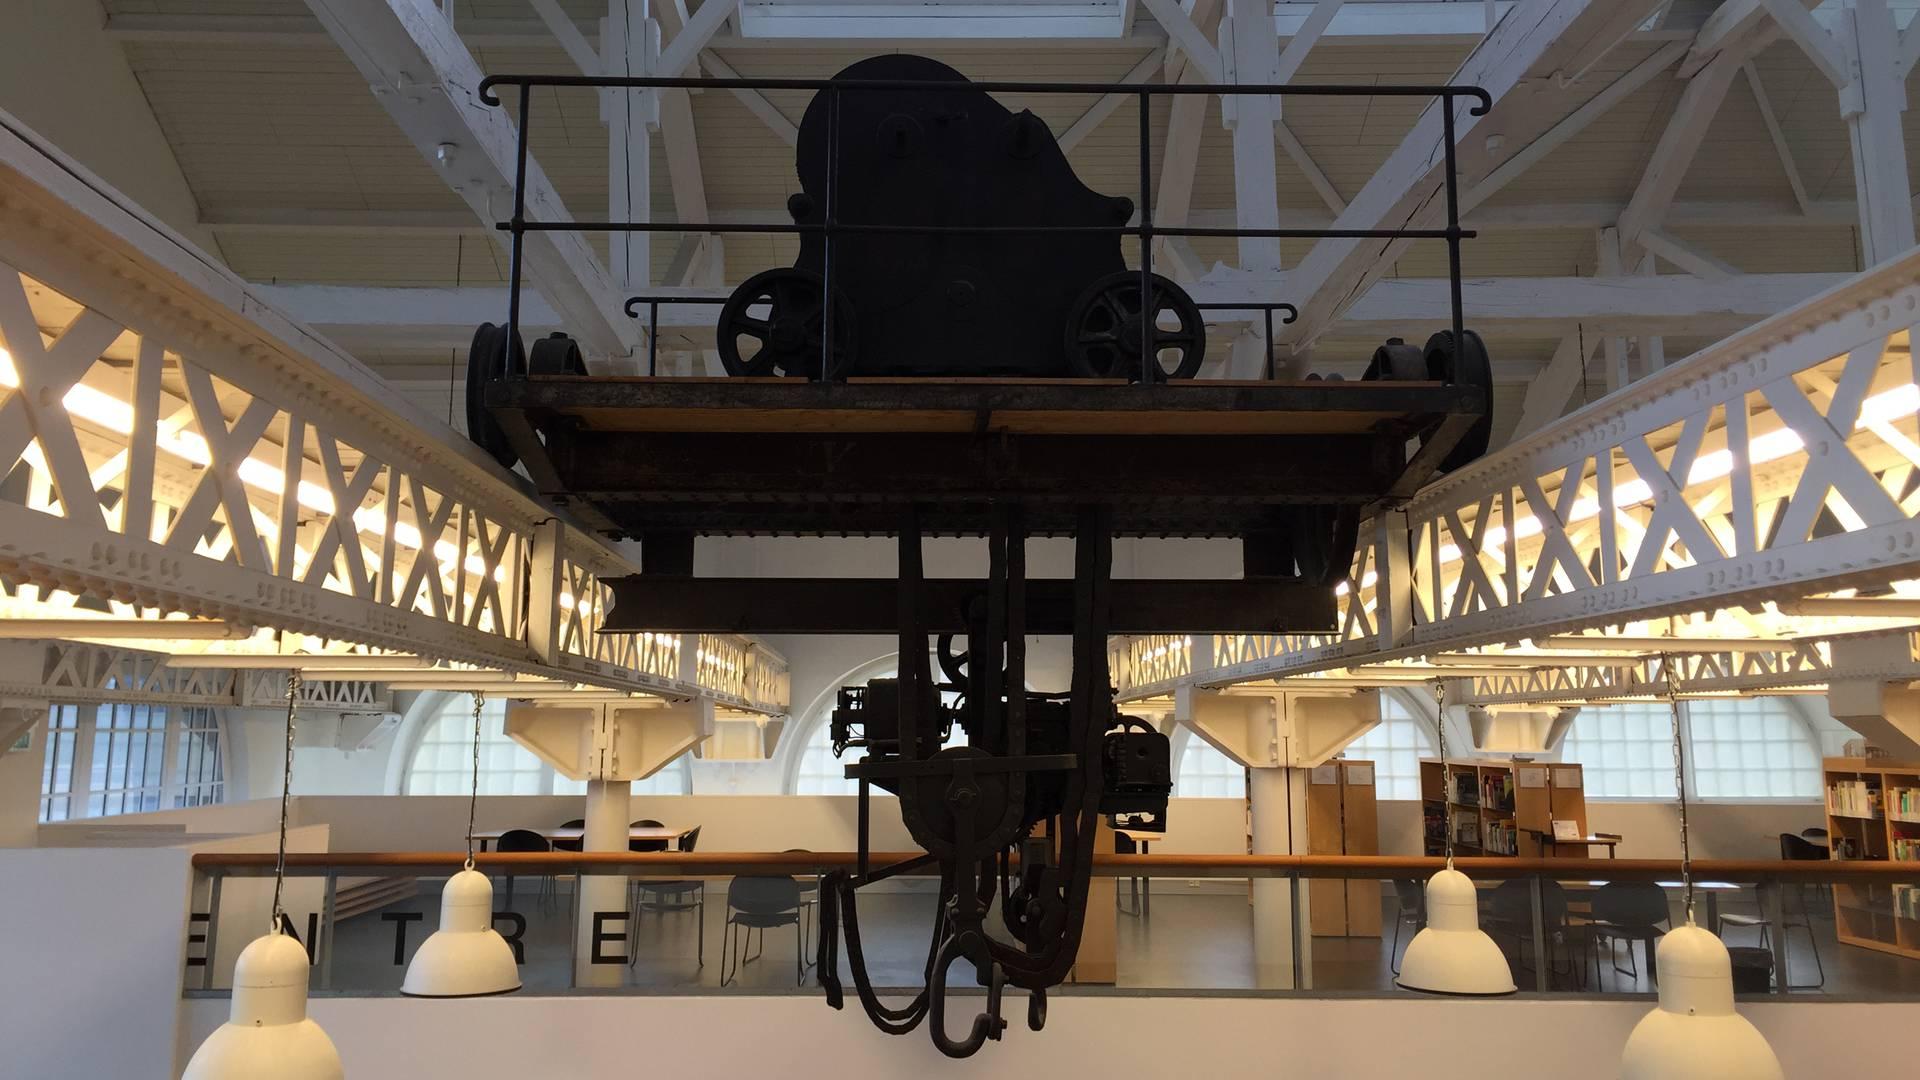 Intérieur de la bibliothèque universitaire, ancienne halle des grues et locomotives, Le Creusot. © Creusot Montceau Tourisme.Intérieur de la bibliothèque universitaire, ancienne halle des grues et locomotives, Le Creusot. © Creusot Montceau Tourisme.